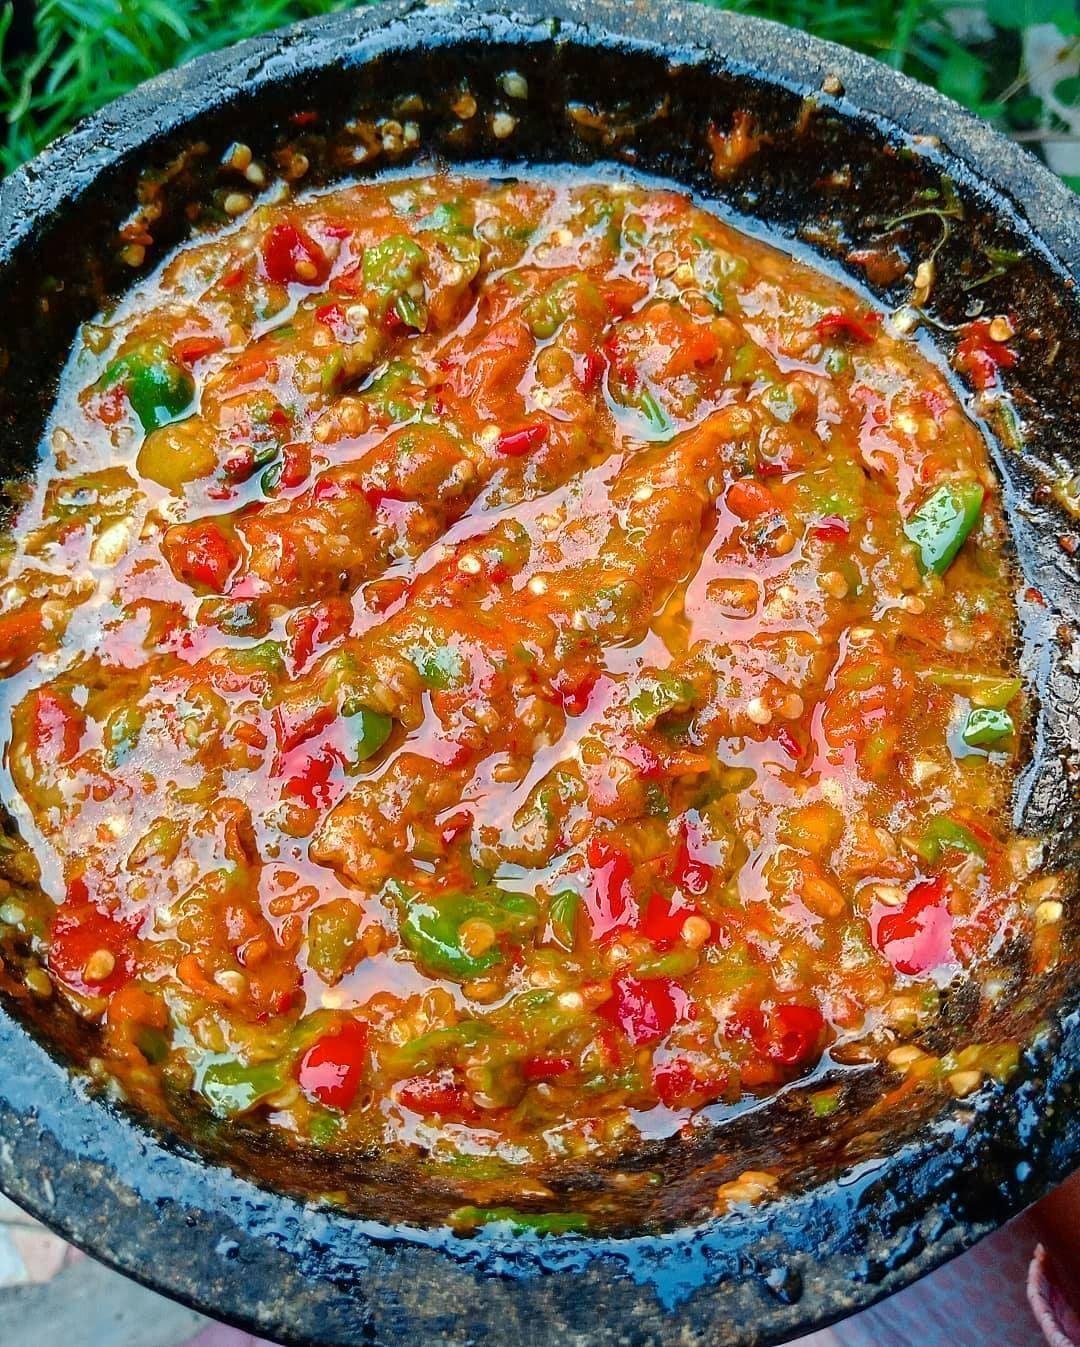 Resep Masakan Kue Di Instagram Sambel Ikan Asin Udah Abisss Ditodong Nyambel Lagi Sore2 Terasi Abis Yaudah Lah Makanan Pedas Resep Makanan Resep Masakan